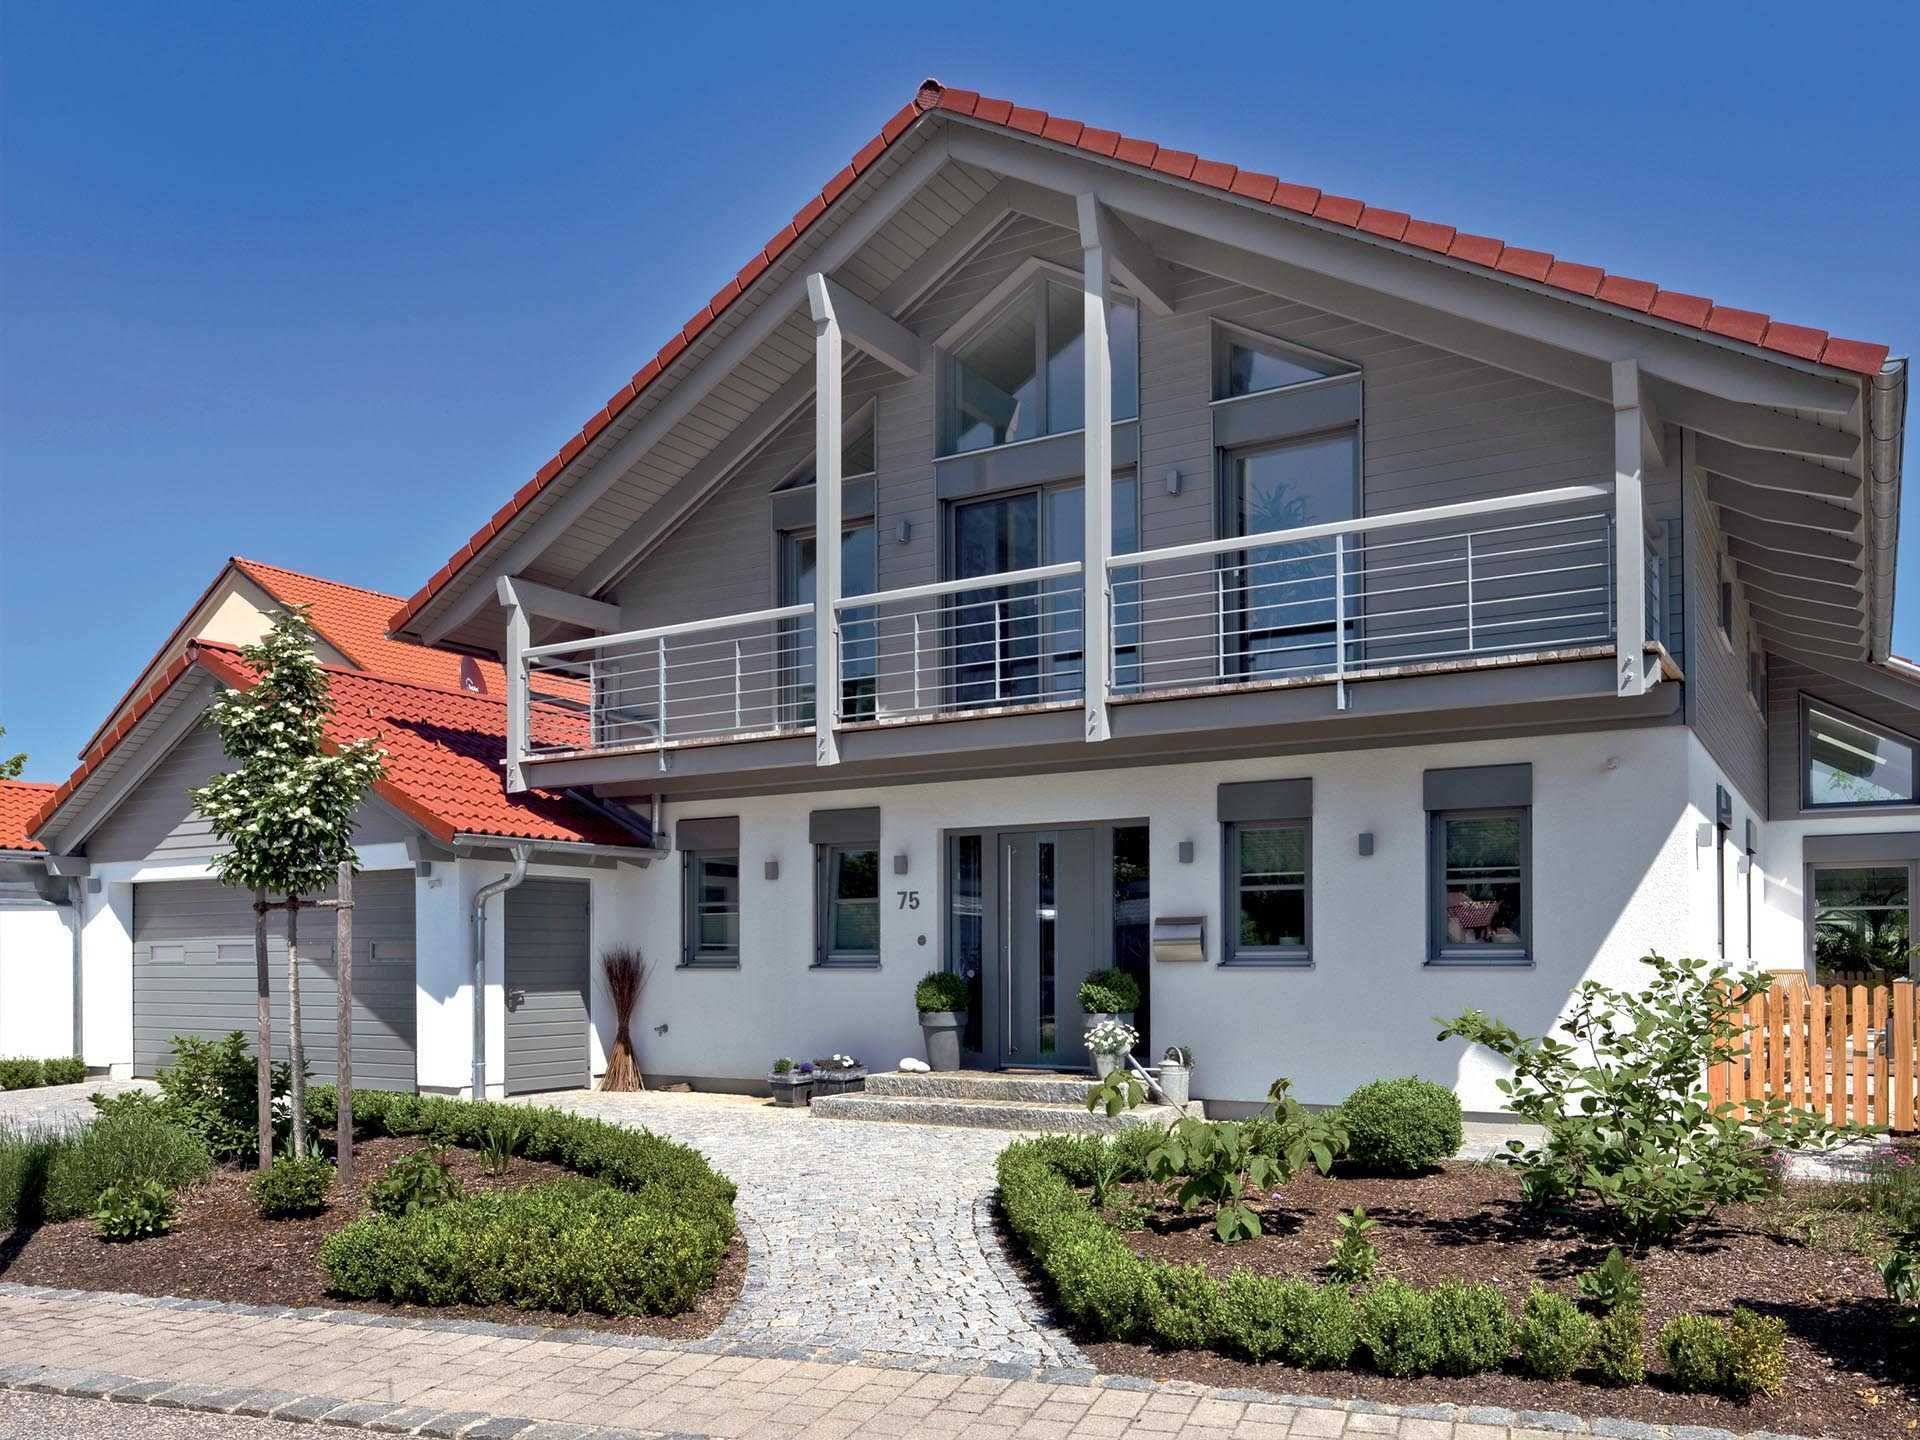 Einfamilienhaus Landshut - Regnauer Hausbau in 2020 | Haus ...